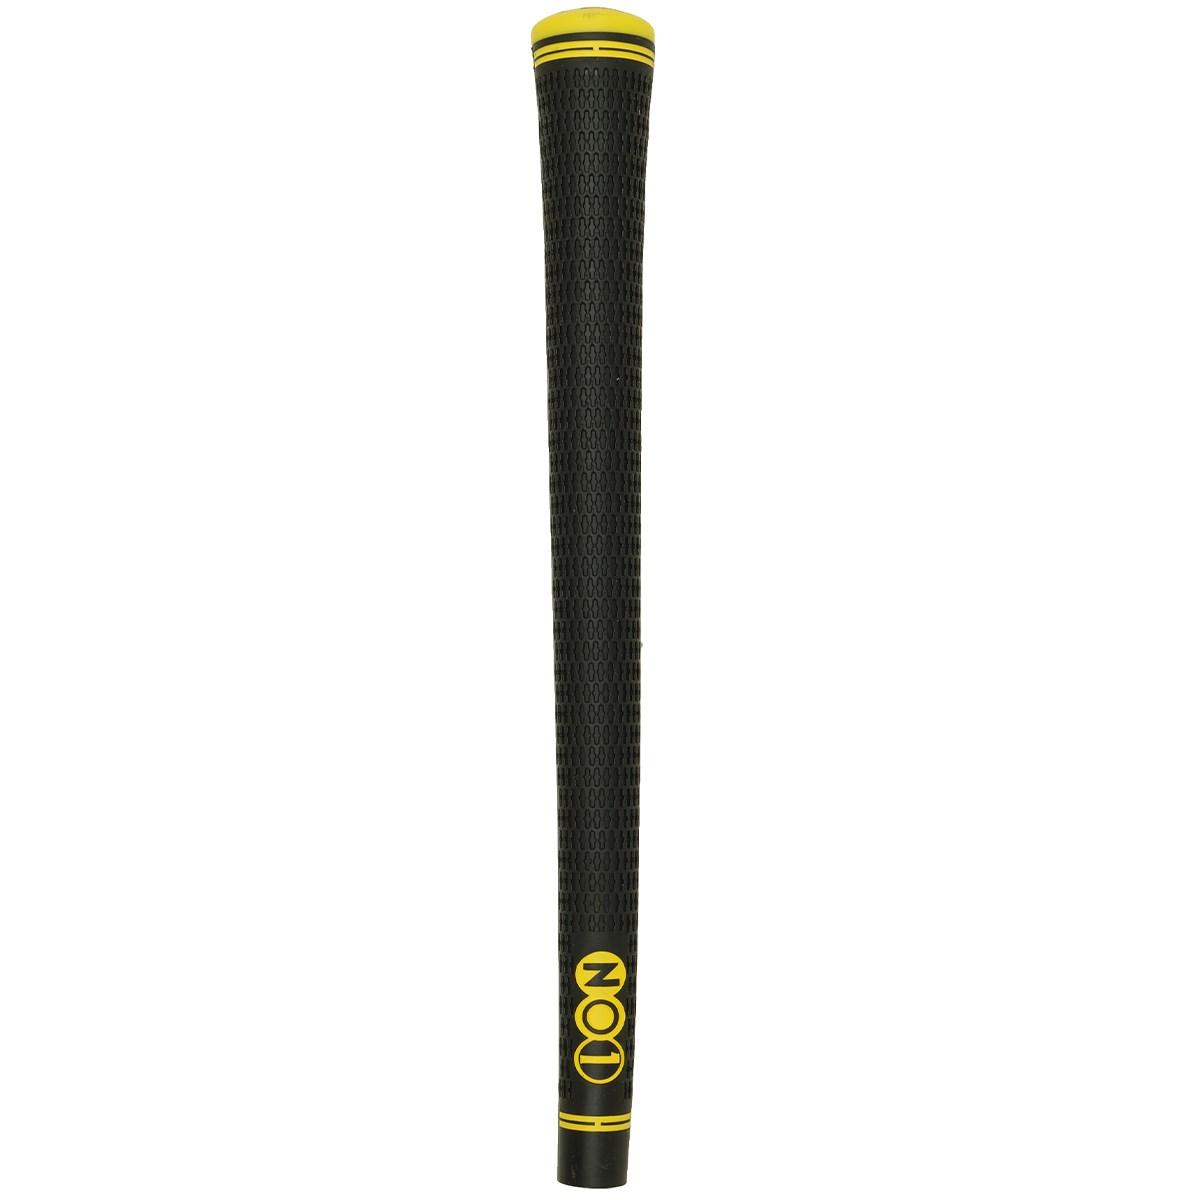 NO1グリップ NO1Grip 50シリーズ グリップ 有り 内径:14mm ブラック